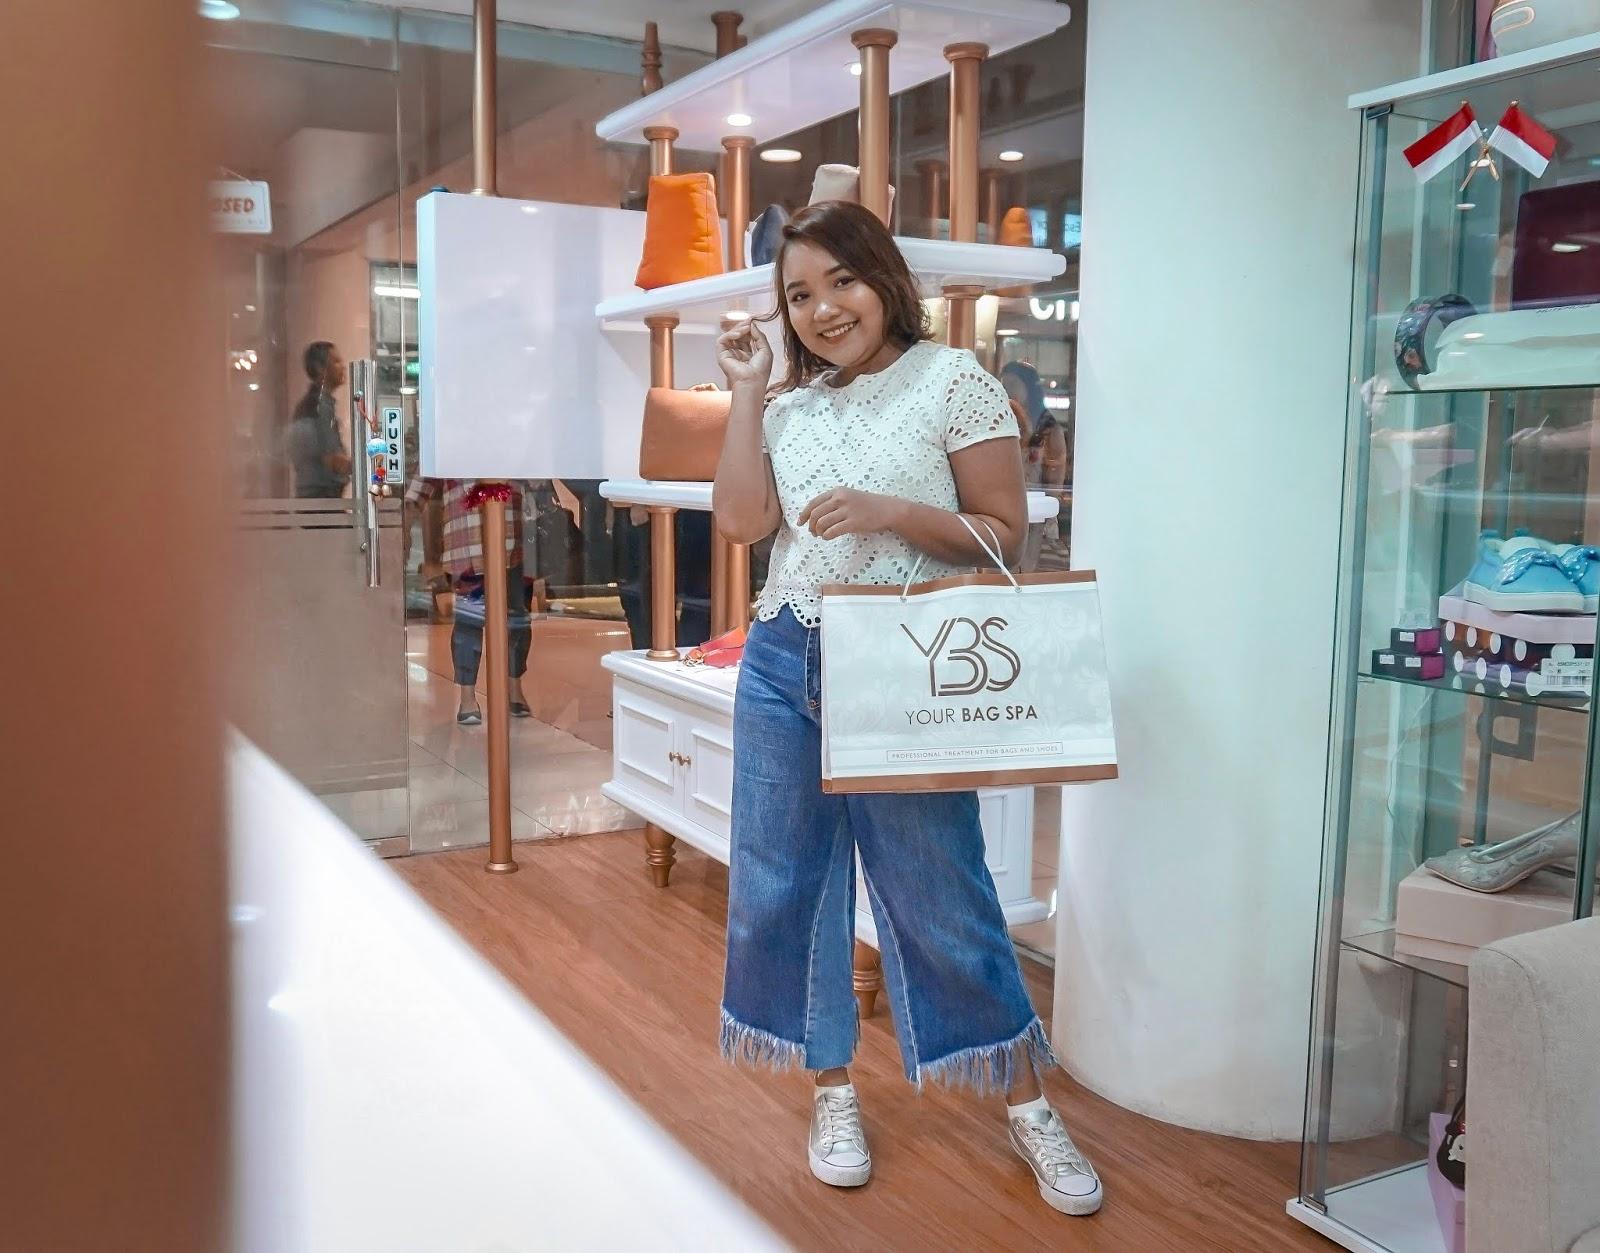 59603fd61 Setelah sepatu atau tas selesai di cleaning, pihak Your Bag Spa akan  mengirimkan pesan pemberitahuan pengambilan barang melalui Email dan  WhatsApp yang ...